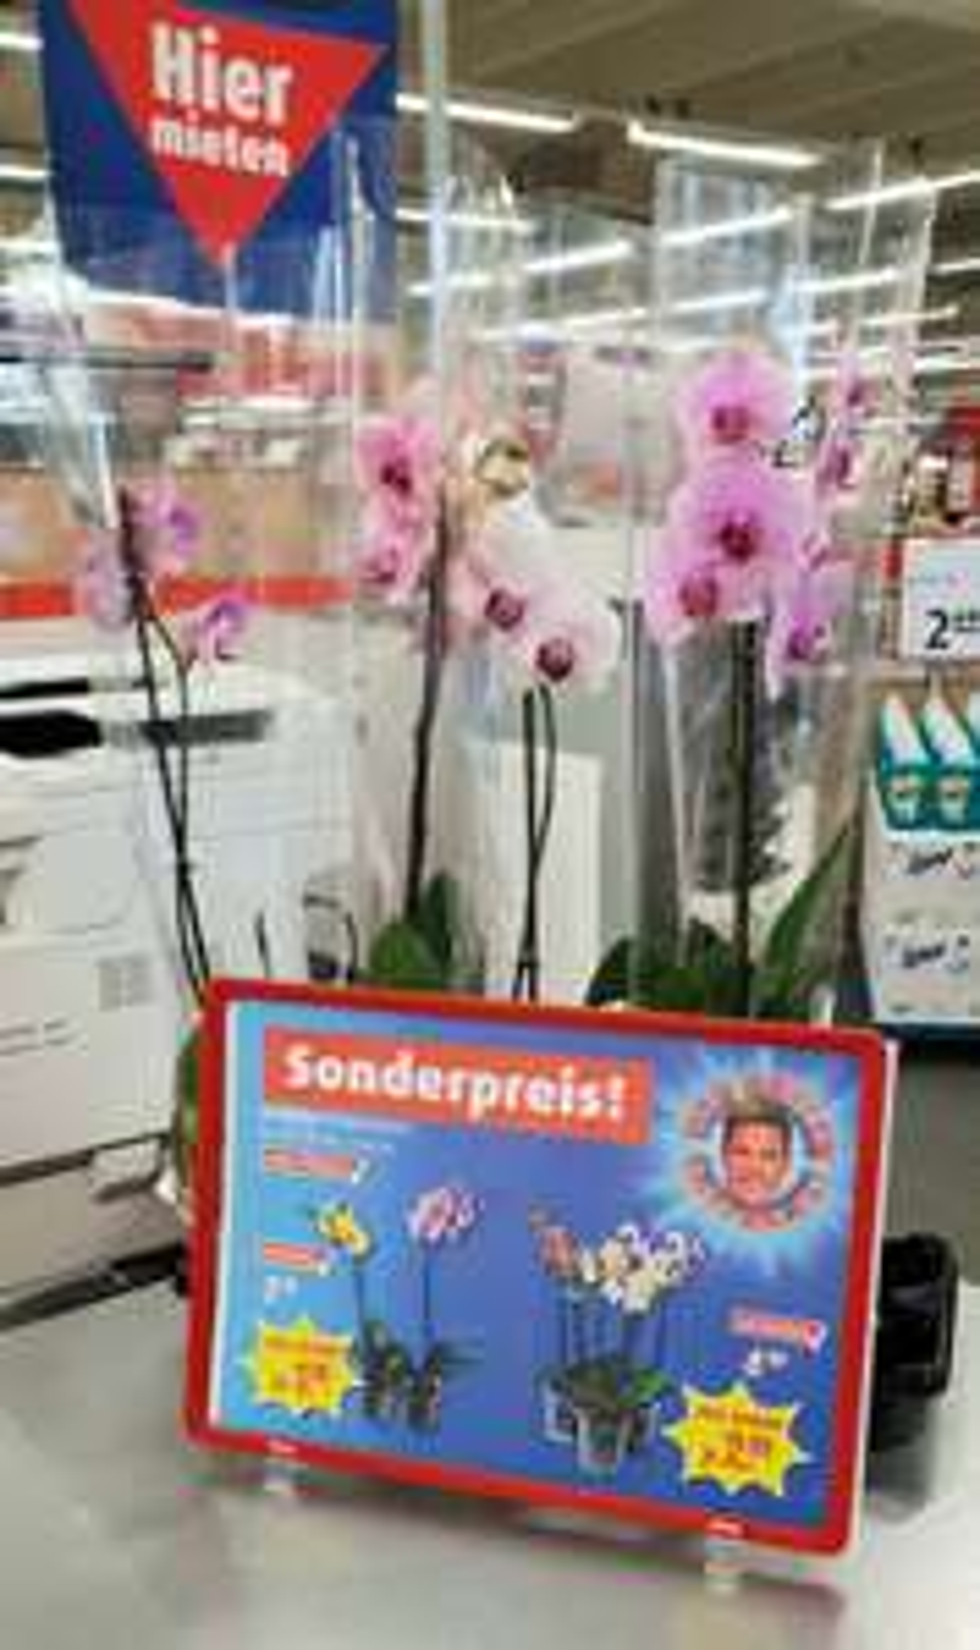 Orchidee Phalaenopsis 40-50cm bei Roller für nur 1,99€ [Nur Hanau?]